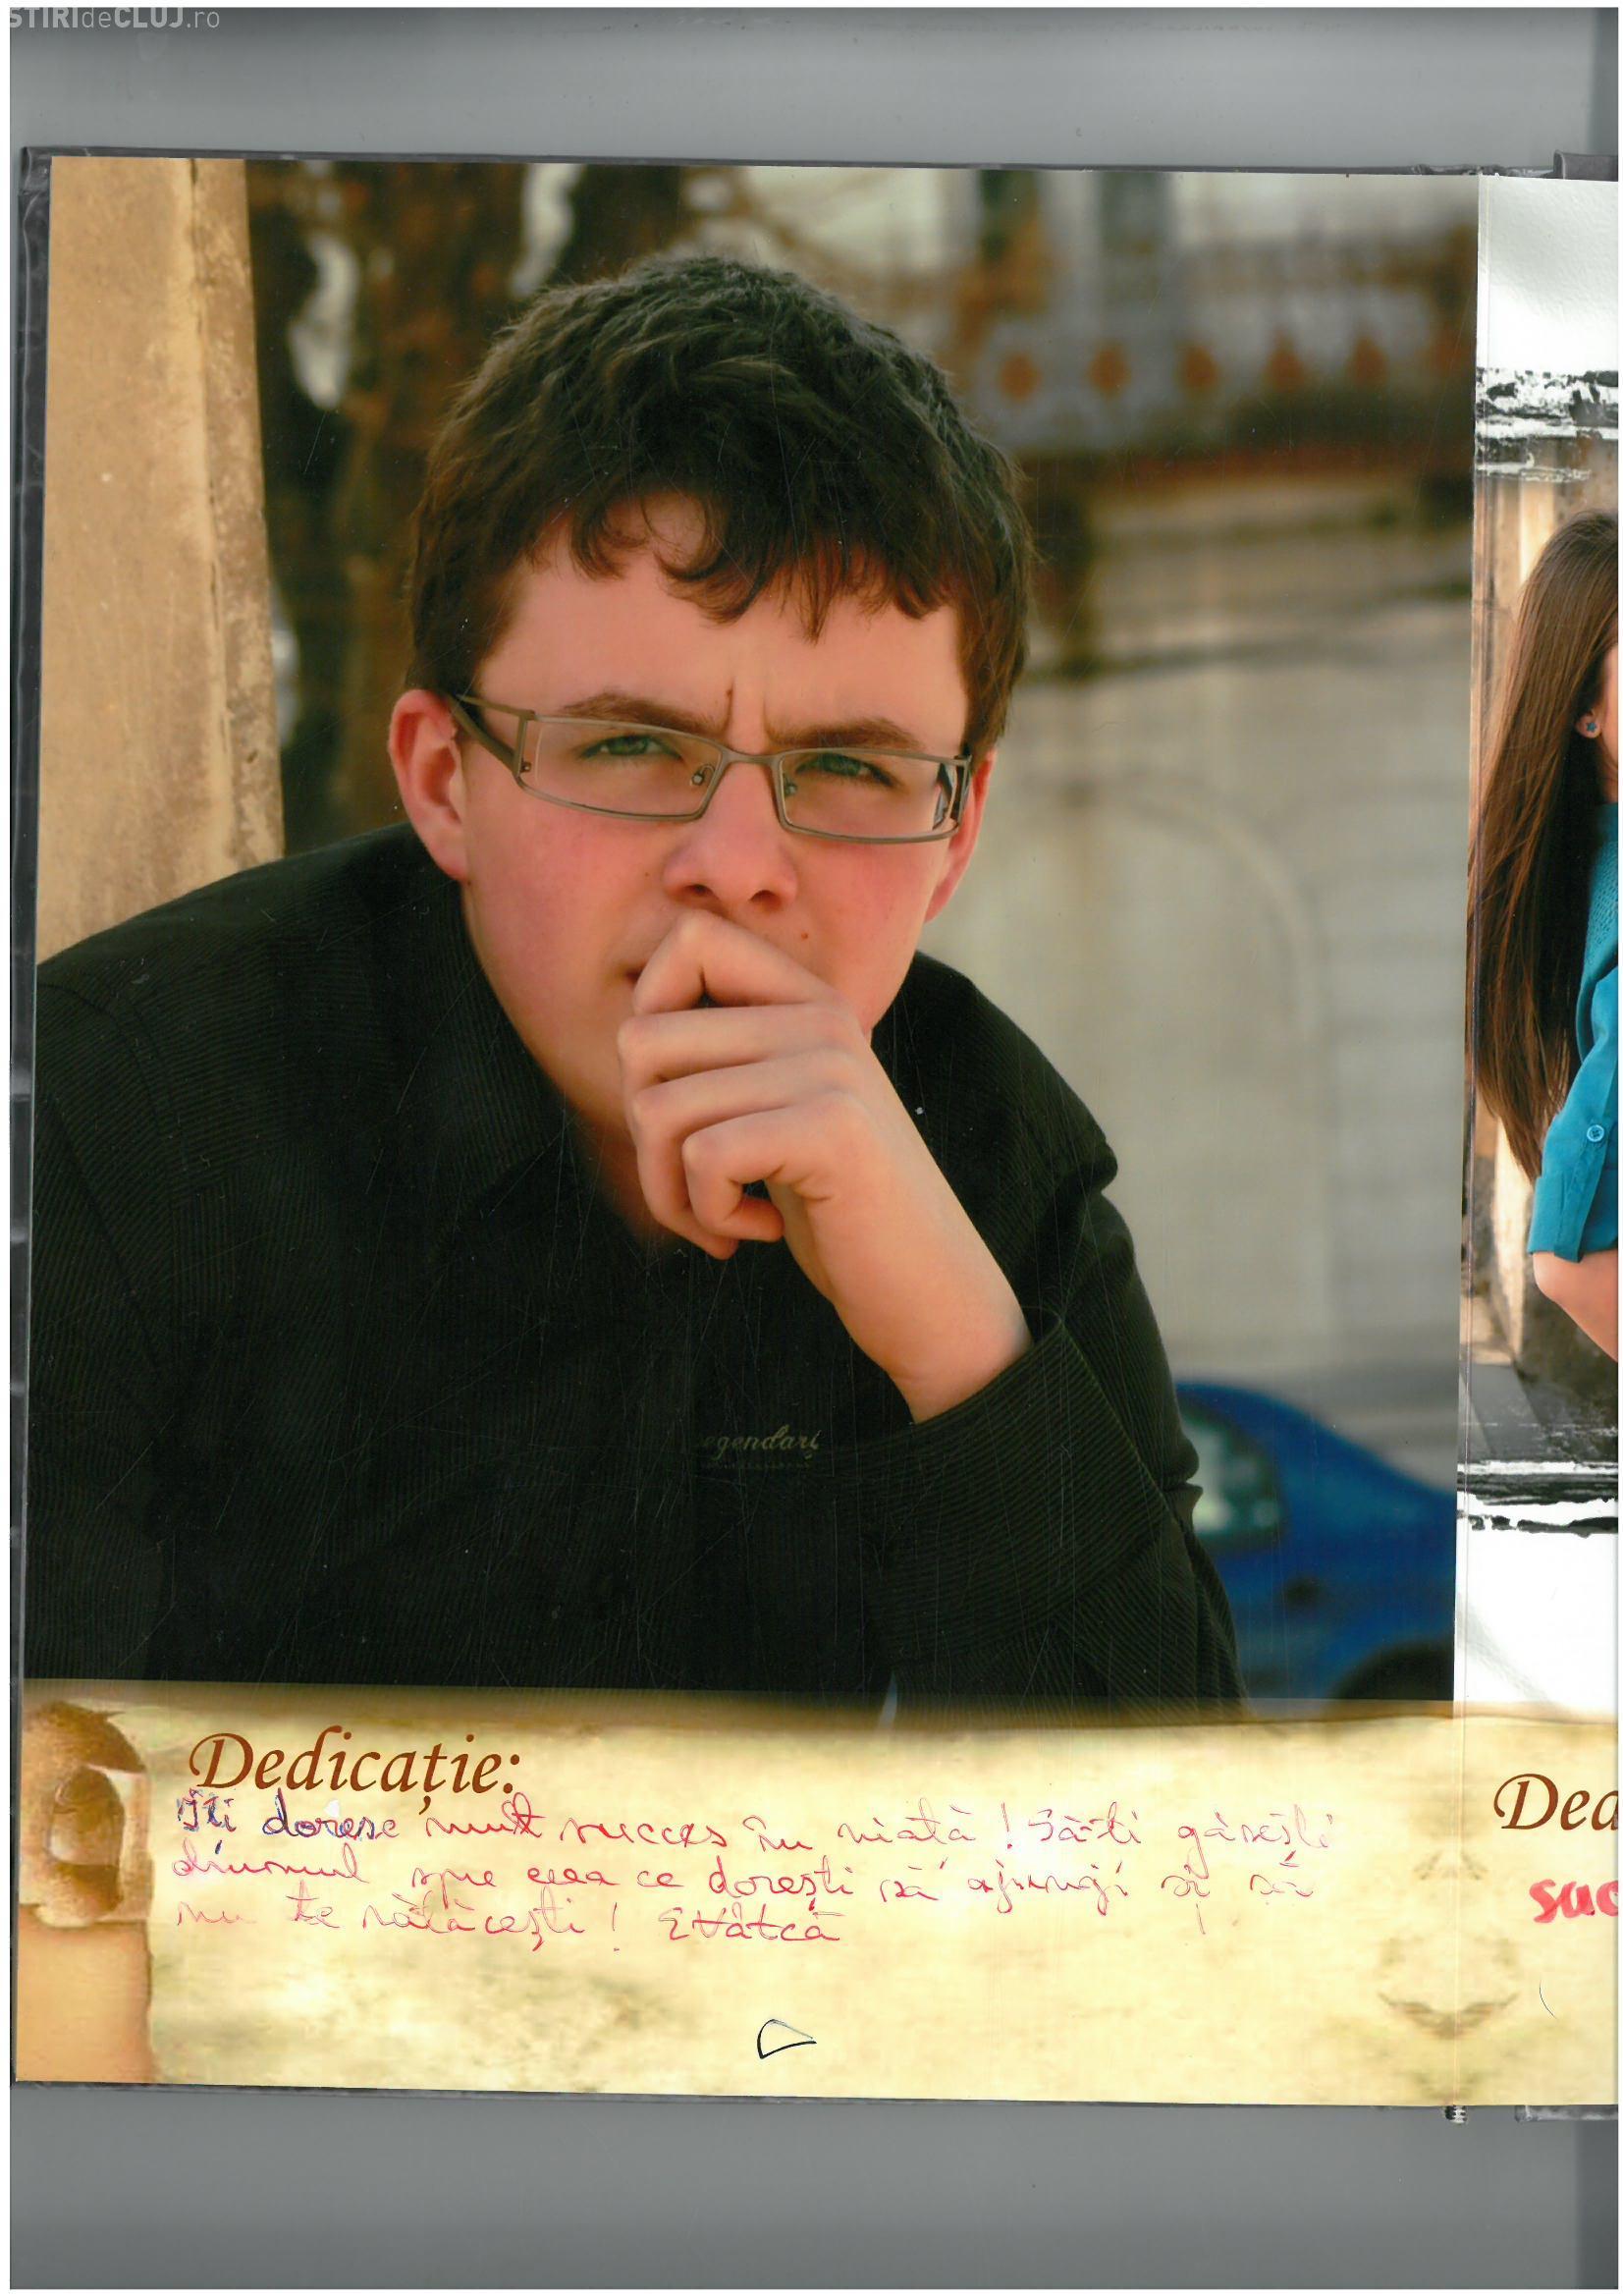 Student dispărut de la Cluj de aproape o săptămână. Familia îl caută cu disperare FOTO